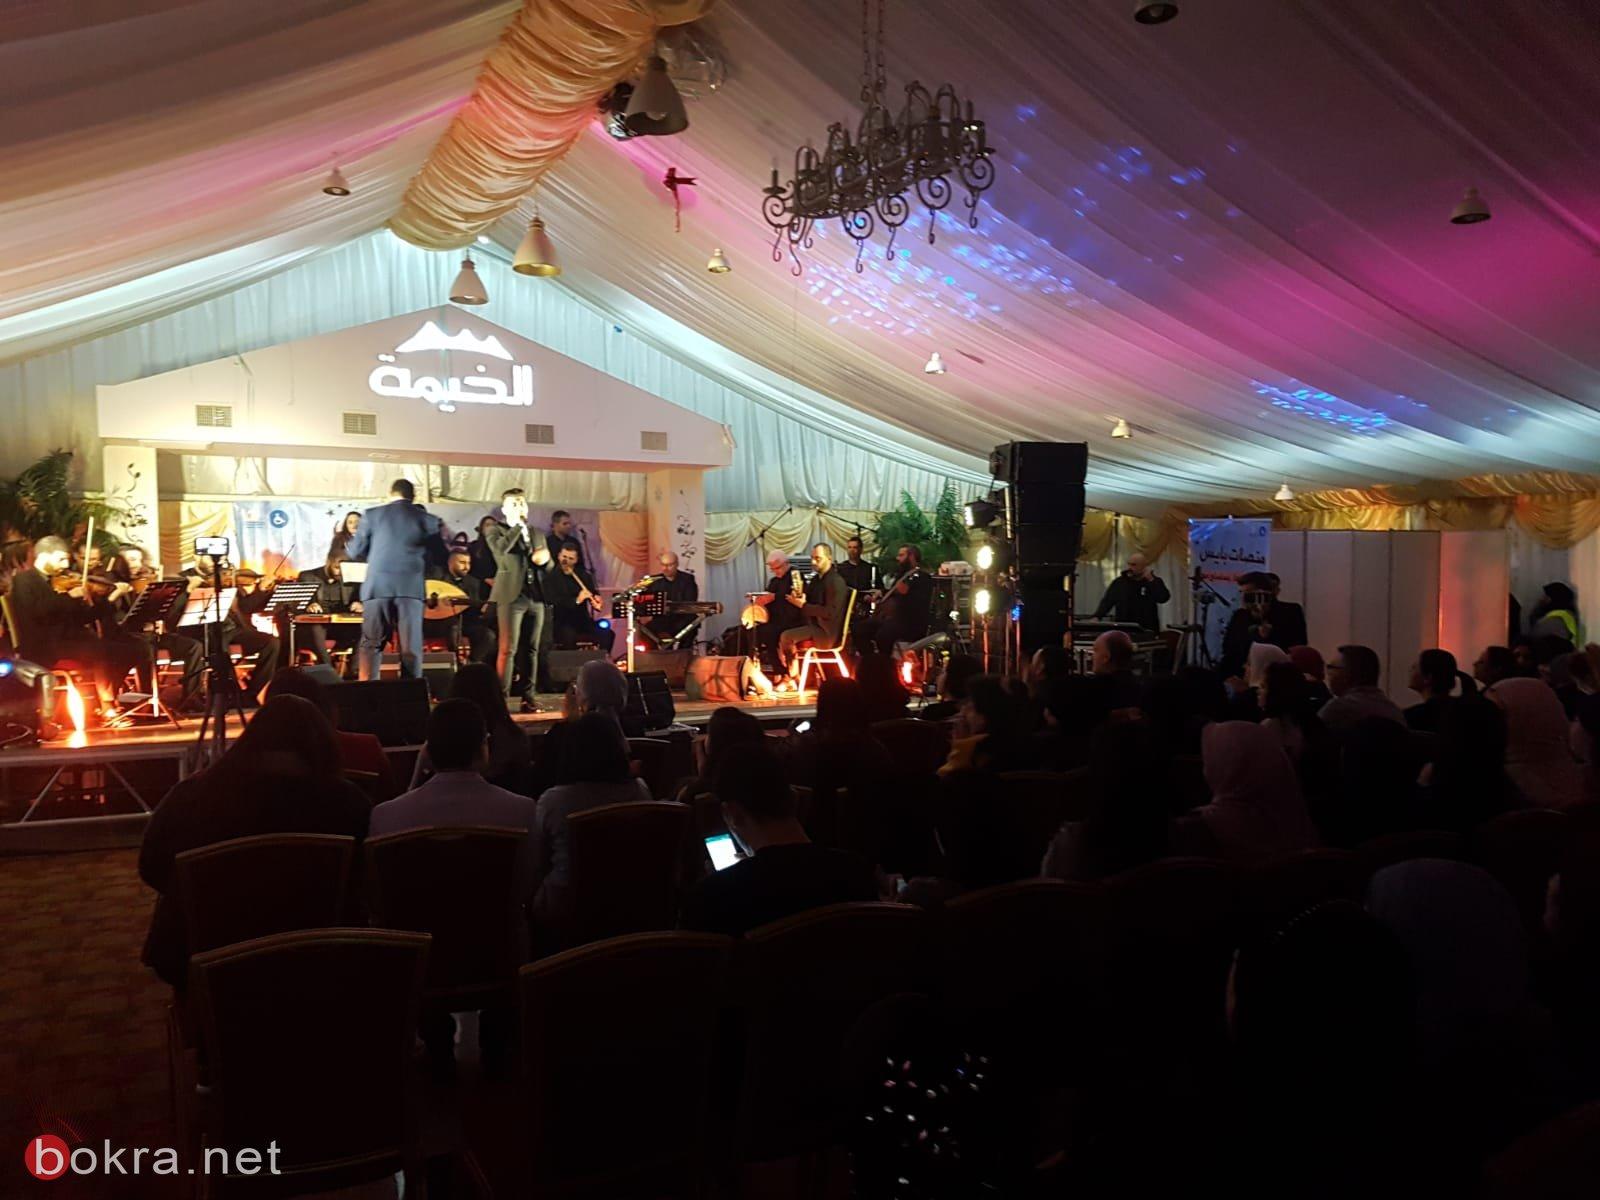 مجد الكروم تحتضن حفلاً لـمنصّات بايس وسط مشاركة جماهيريّة واسعة